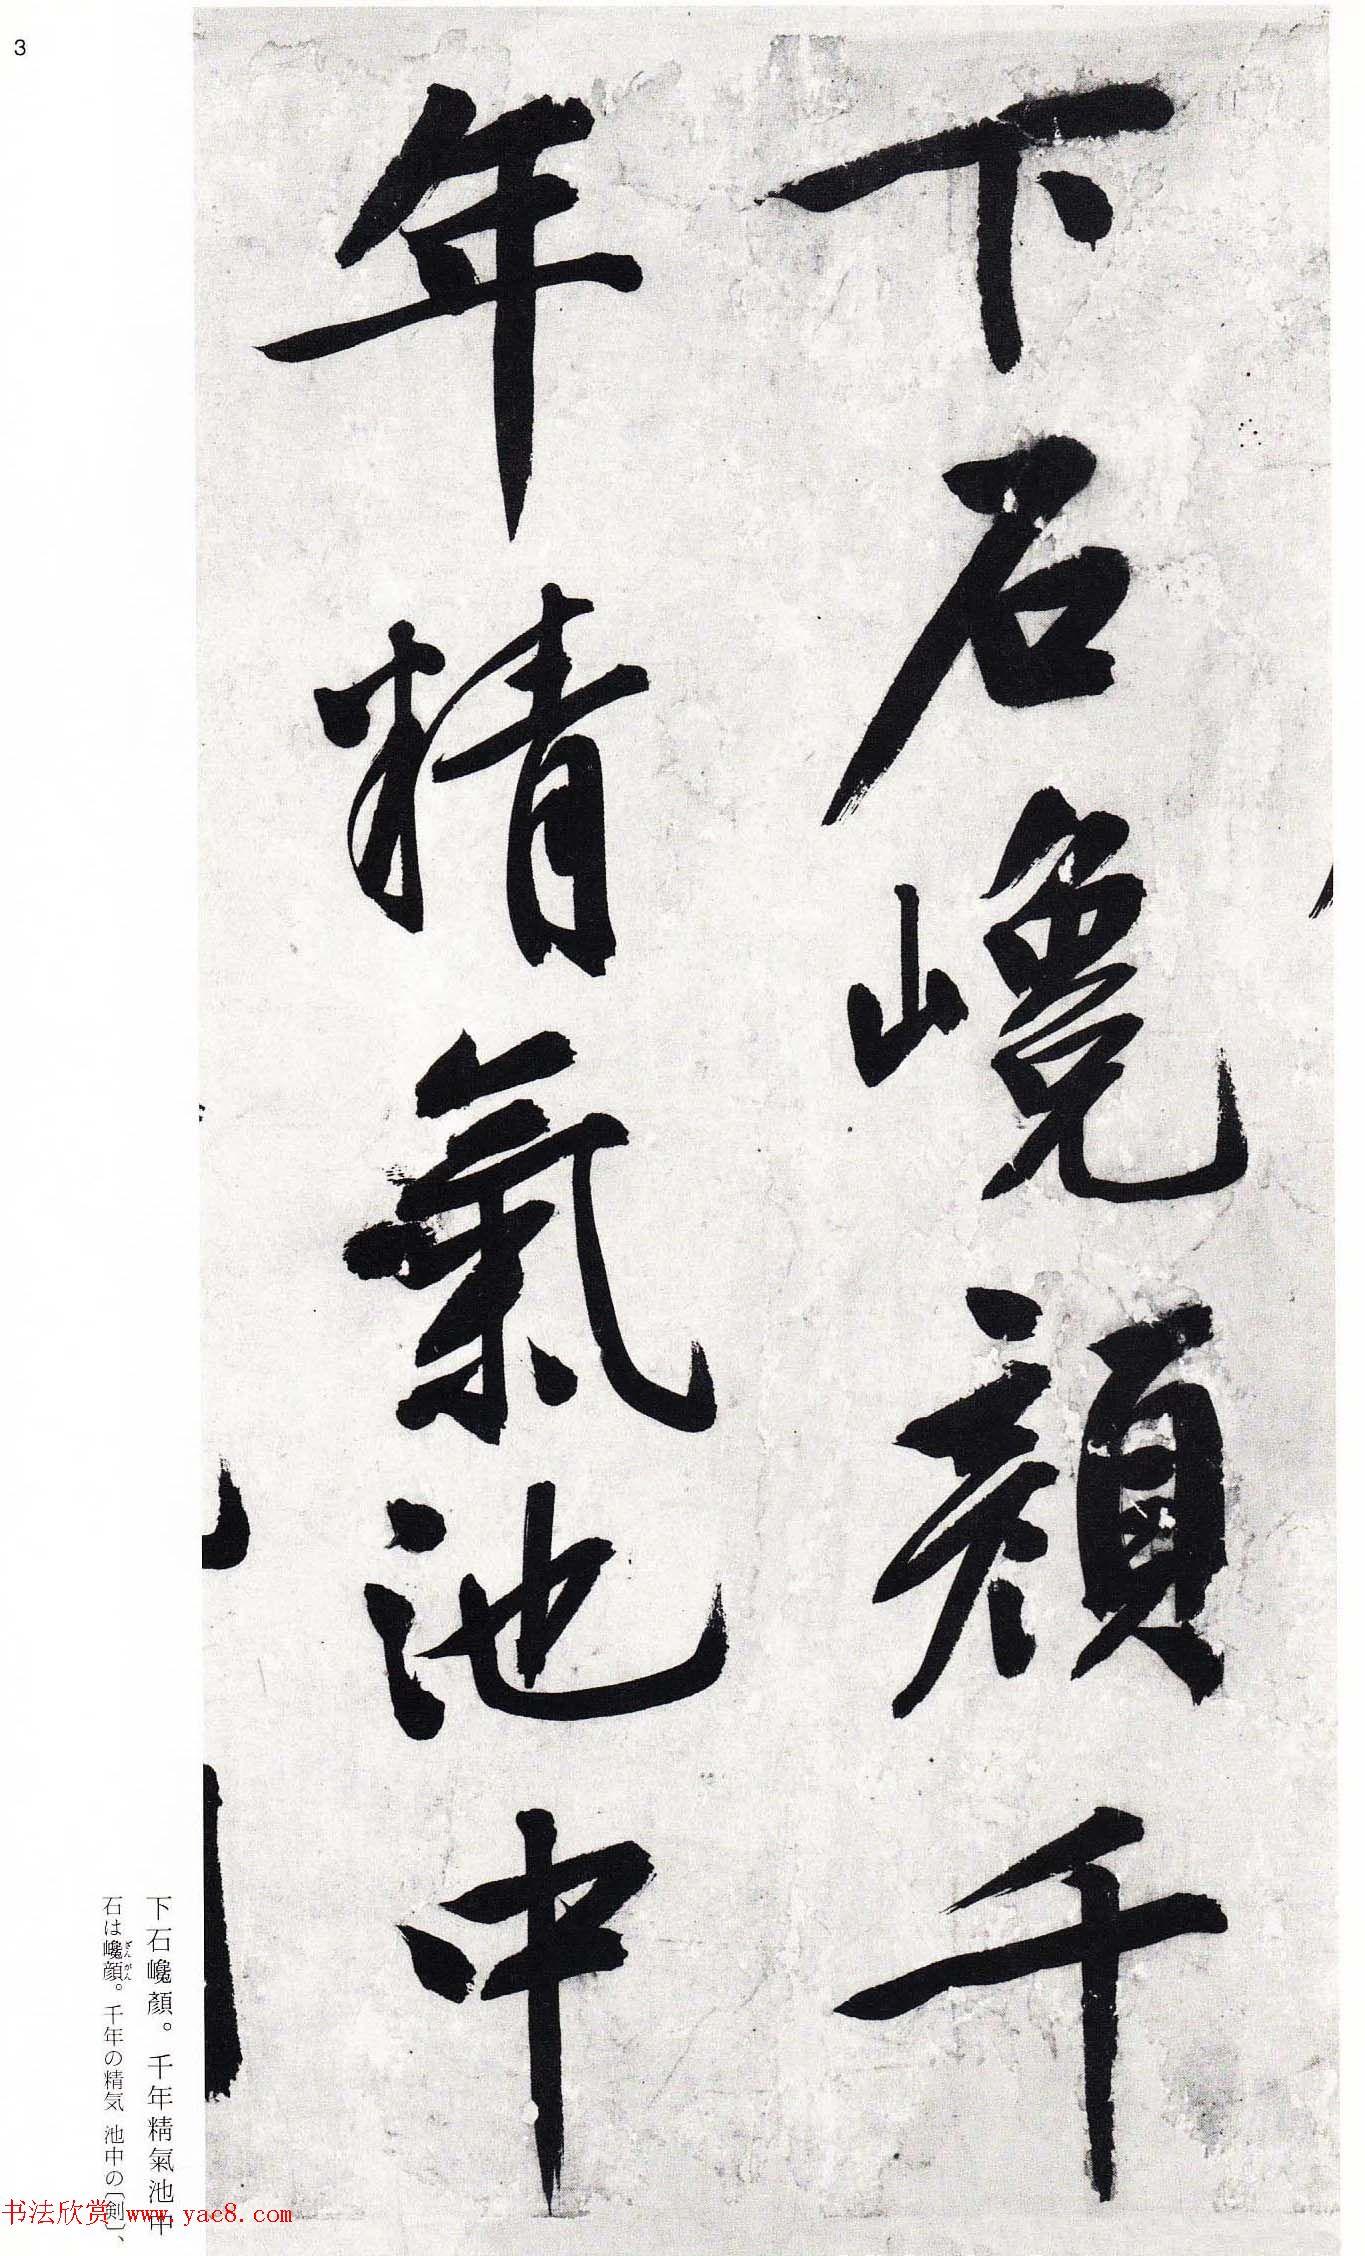 文徵明行书诗卷欣赏二玄社版高清大图